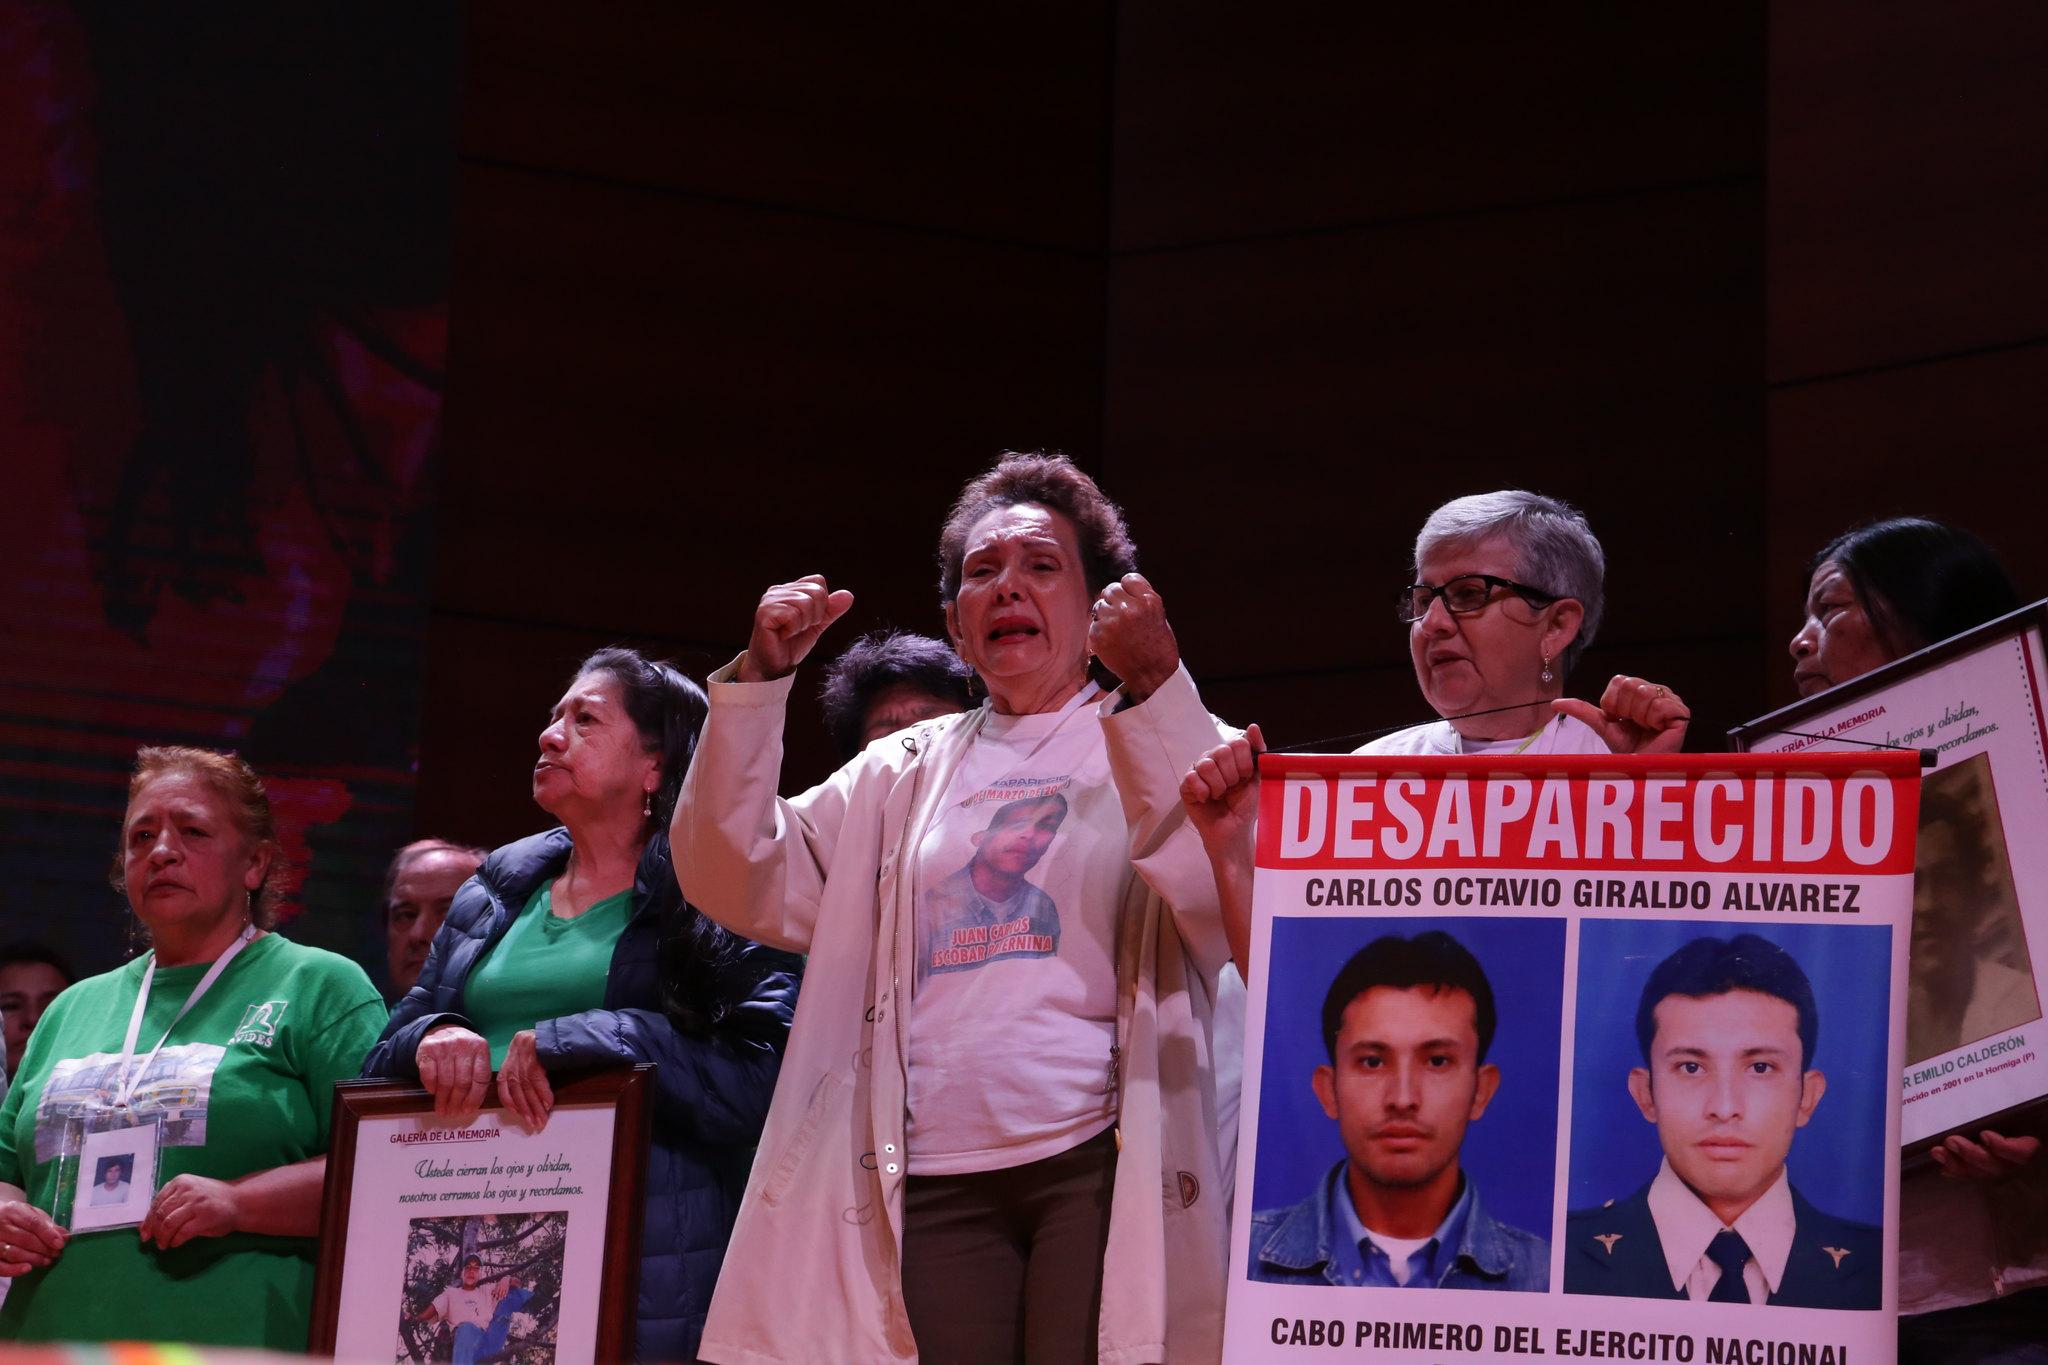 """""""Luchamos contra el frío del olvido"""": crónica de un doloroso encuentro por los desparecidos"""